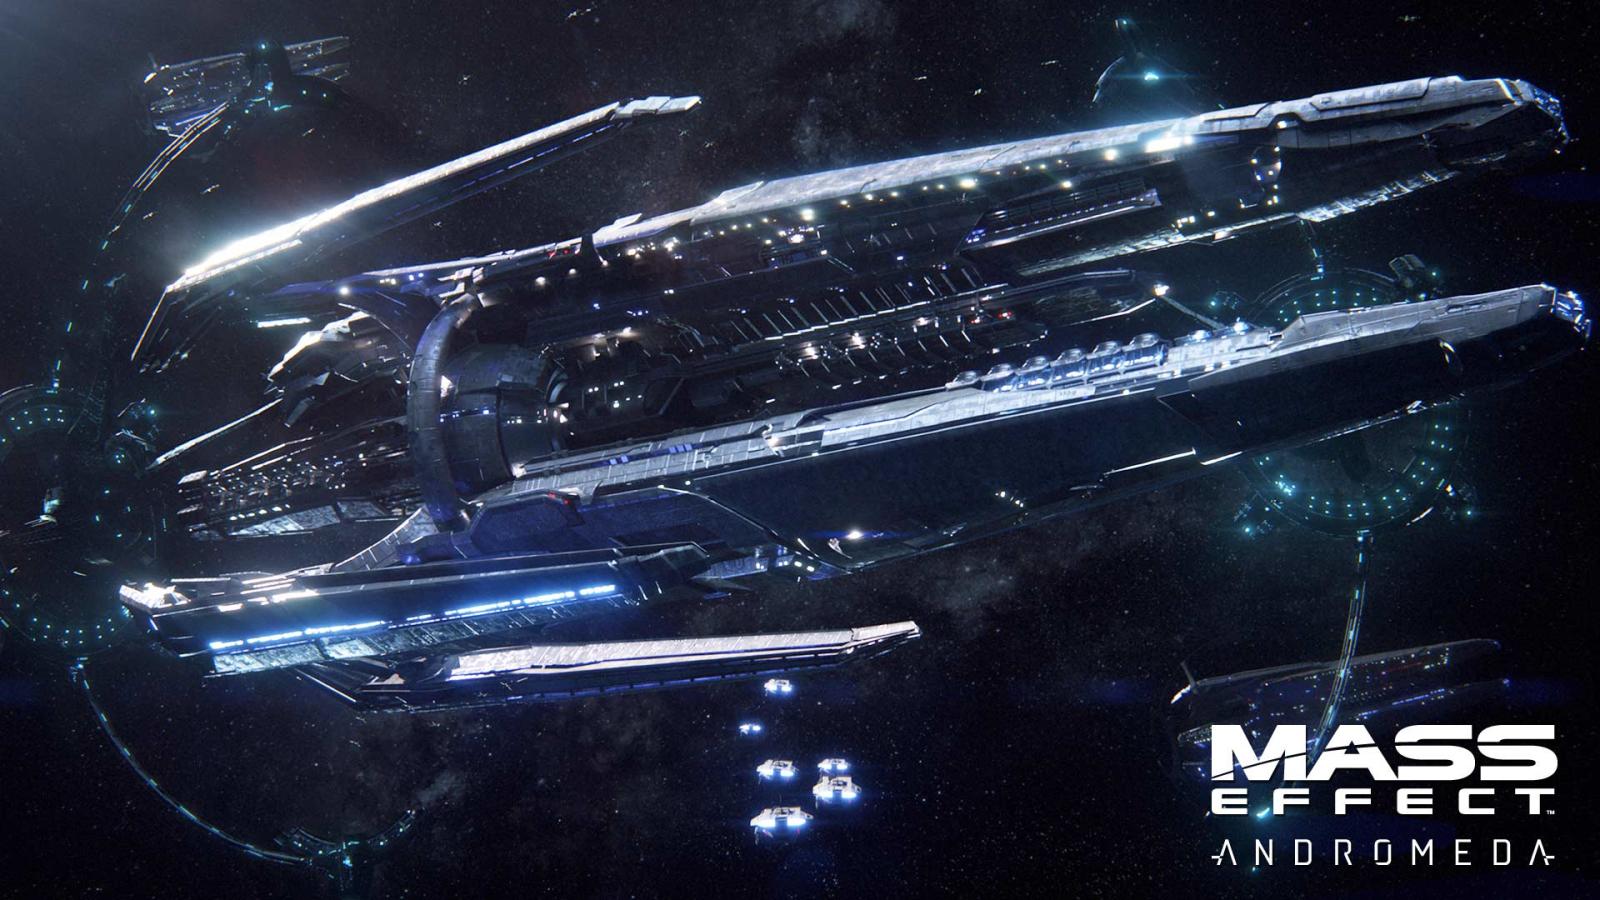 Послевыходные андромедные думки - или так ли плоха Mass Effect Andromeda